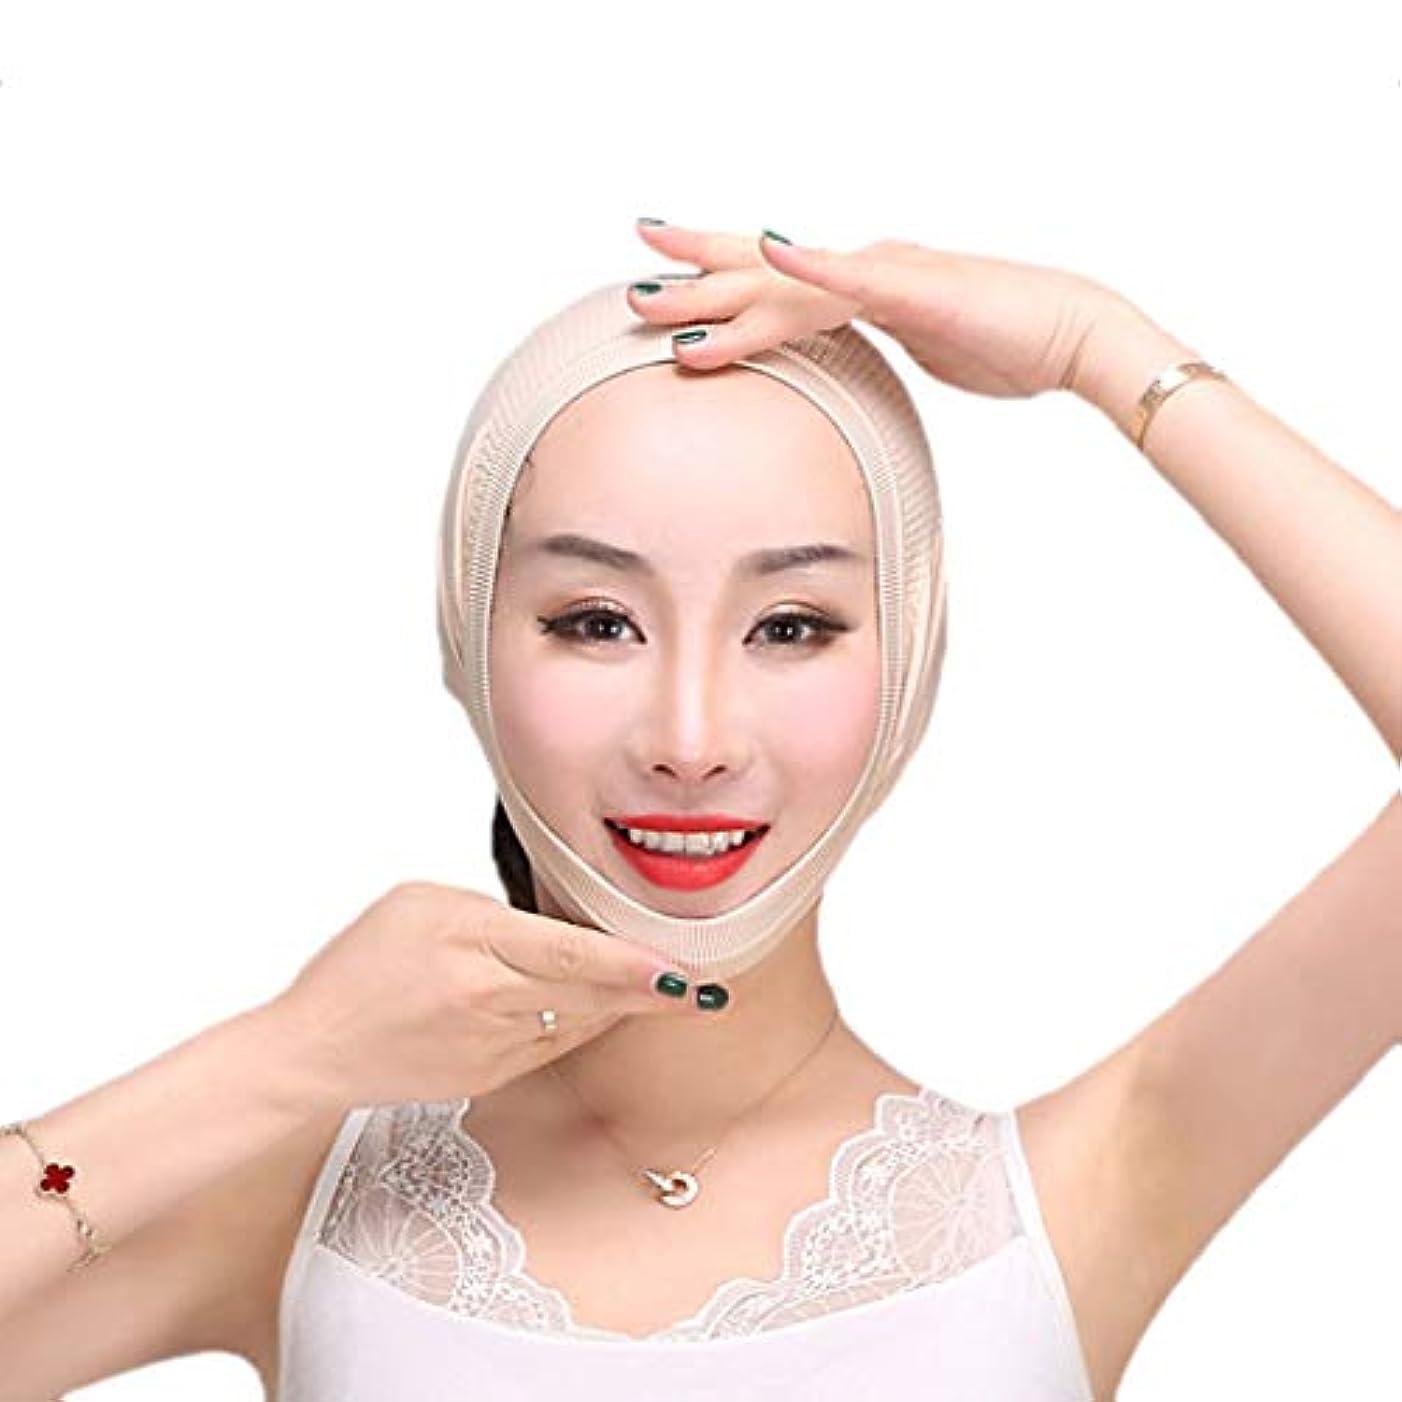 本果てしない北米XHLMRMJ フェイスリフトマスク、フェイススリミングマスク、チンストラップ、フェイスマッサージ、フェイシャル減量マスク、チンリフティングベルト(ワンサイズ)